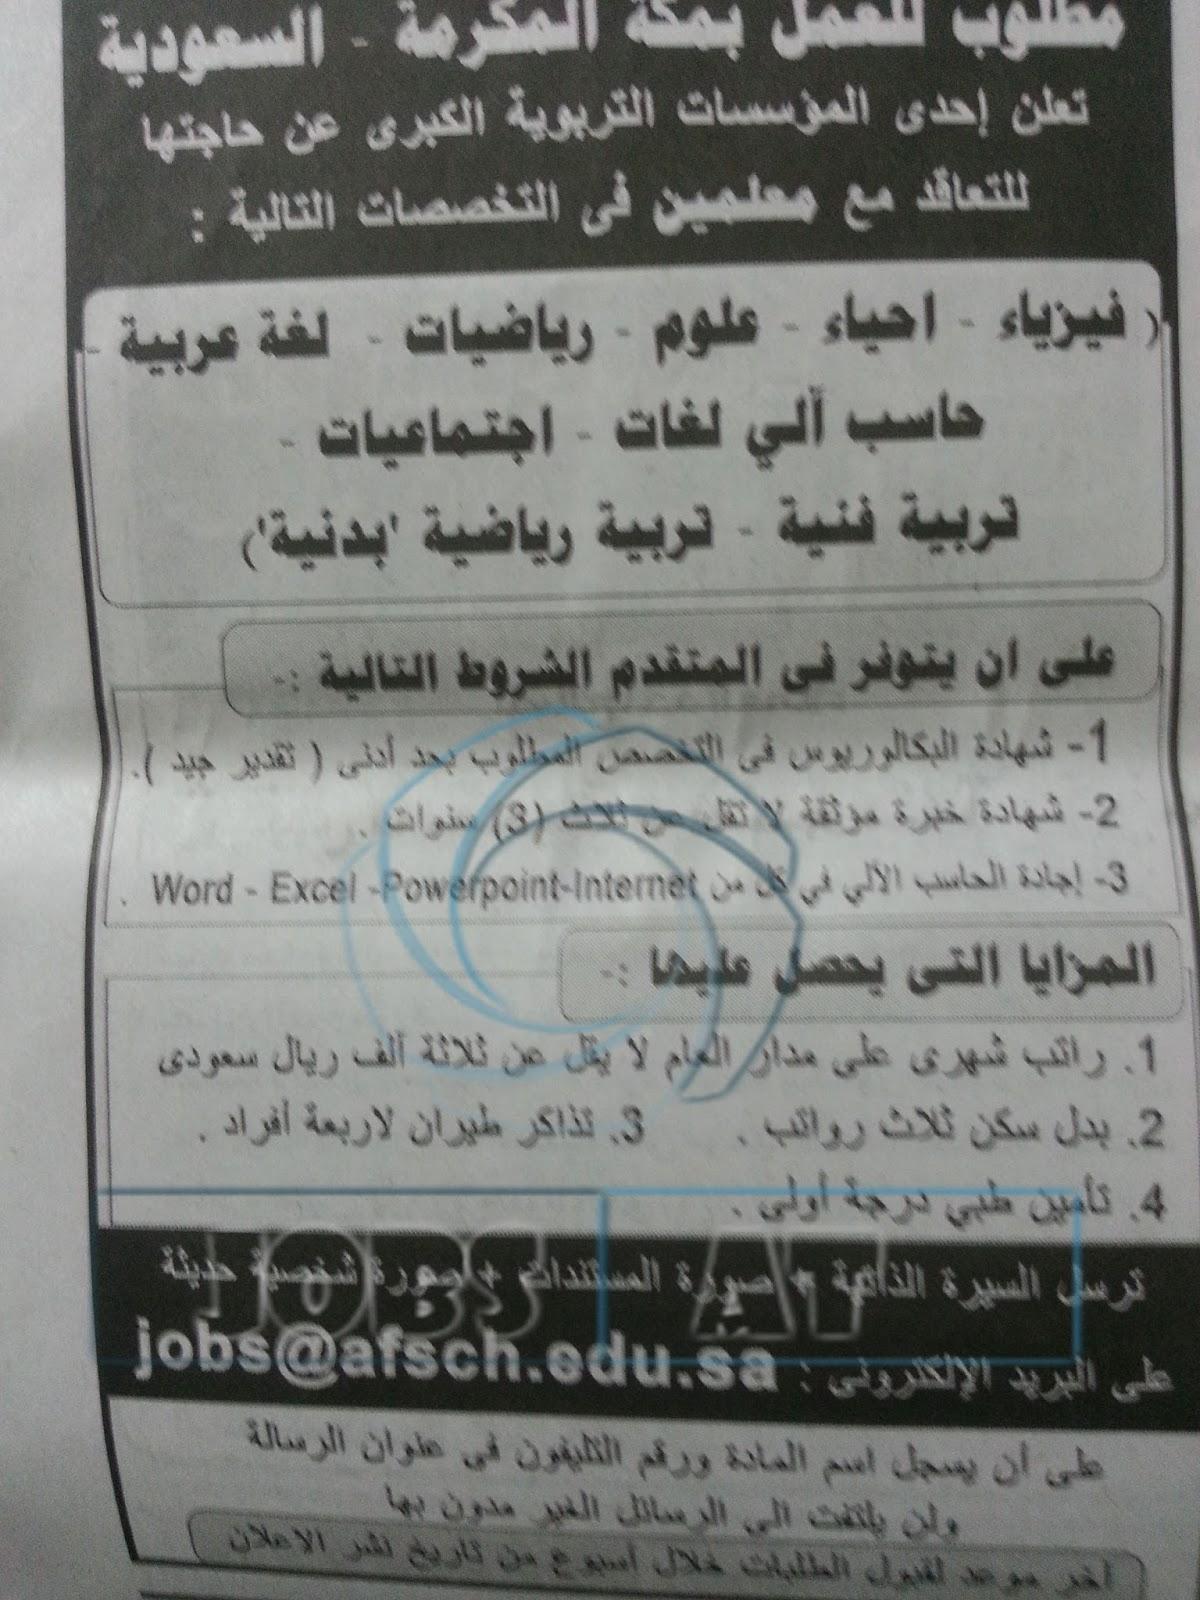 وظائف شاغرة فى المؤسسات التربوية الكبري فى السعودية عام 2020